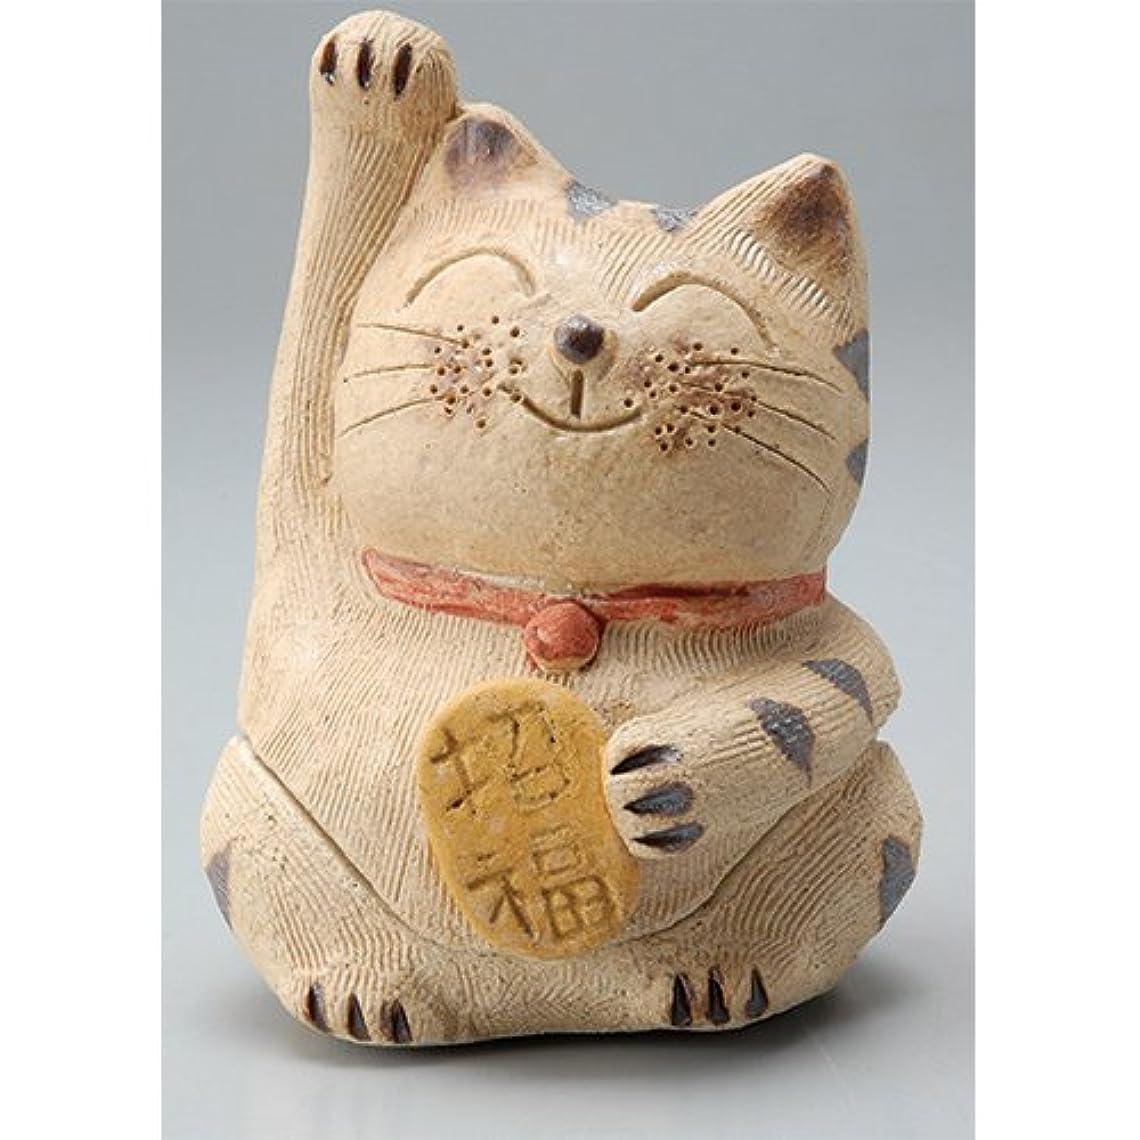 勝利届ける旋律的香炉 微笑み招き猫(お金招き)香炉(小) [H8.5cm] HANDMADE プレゼント ギフト 和食器 かわいい インテリア